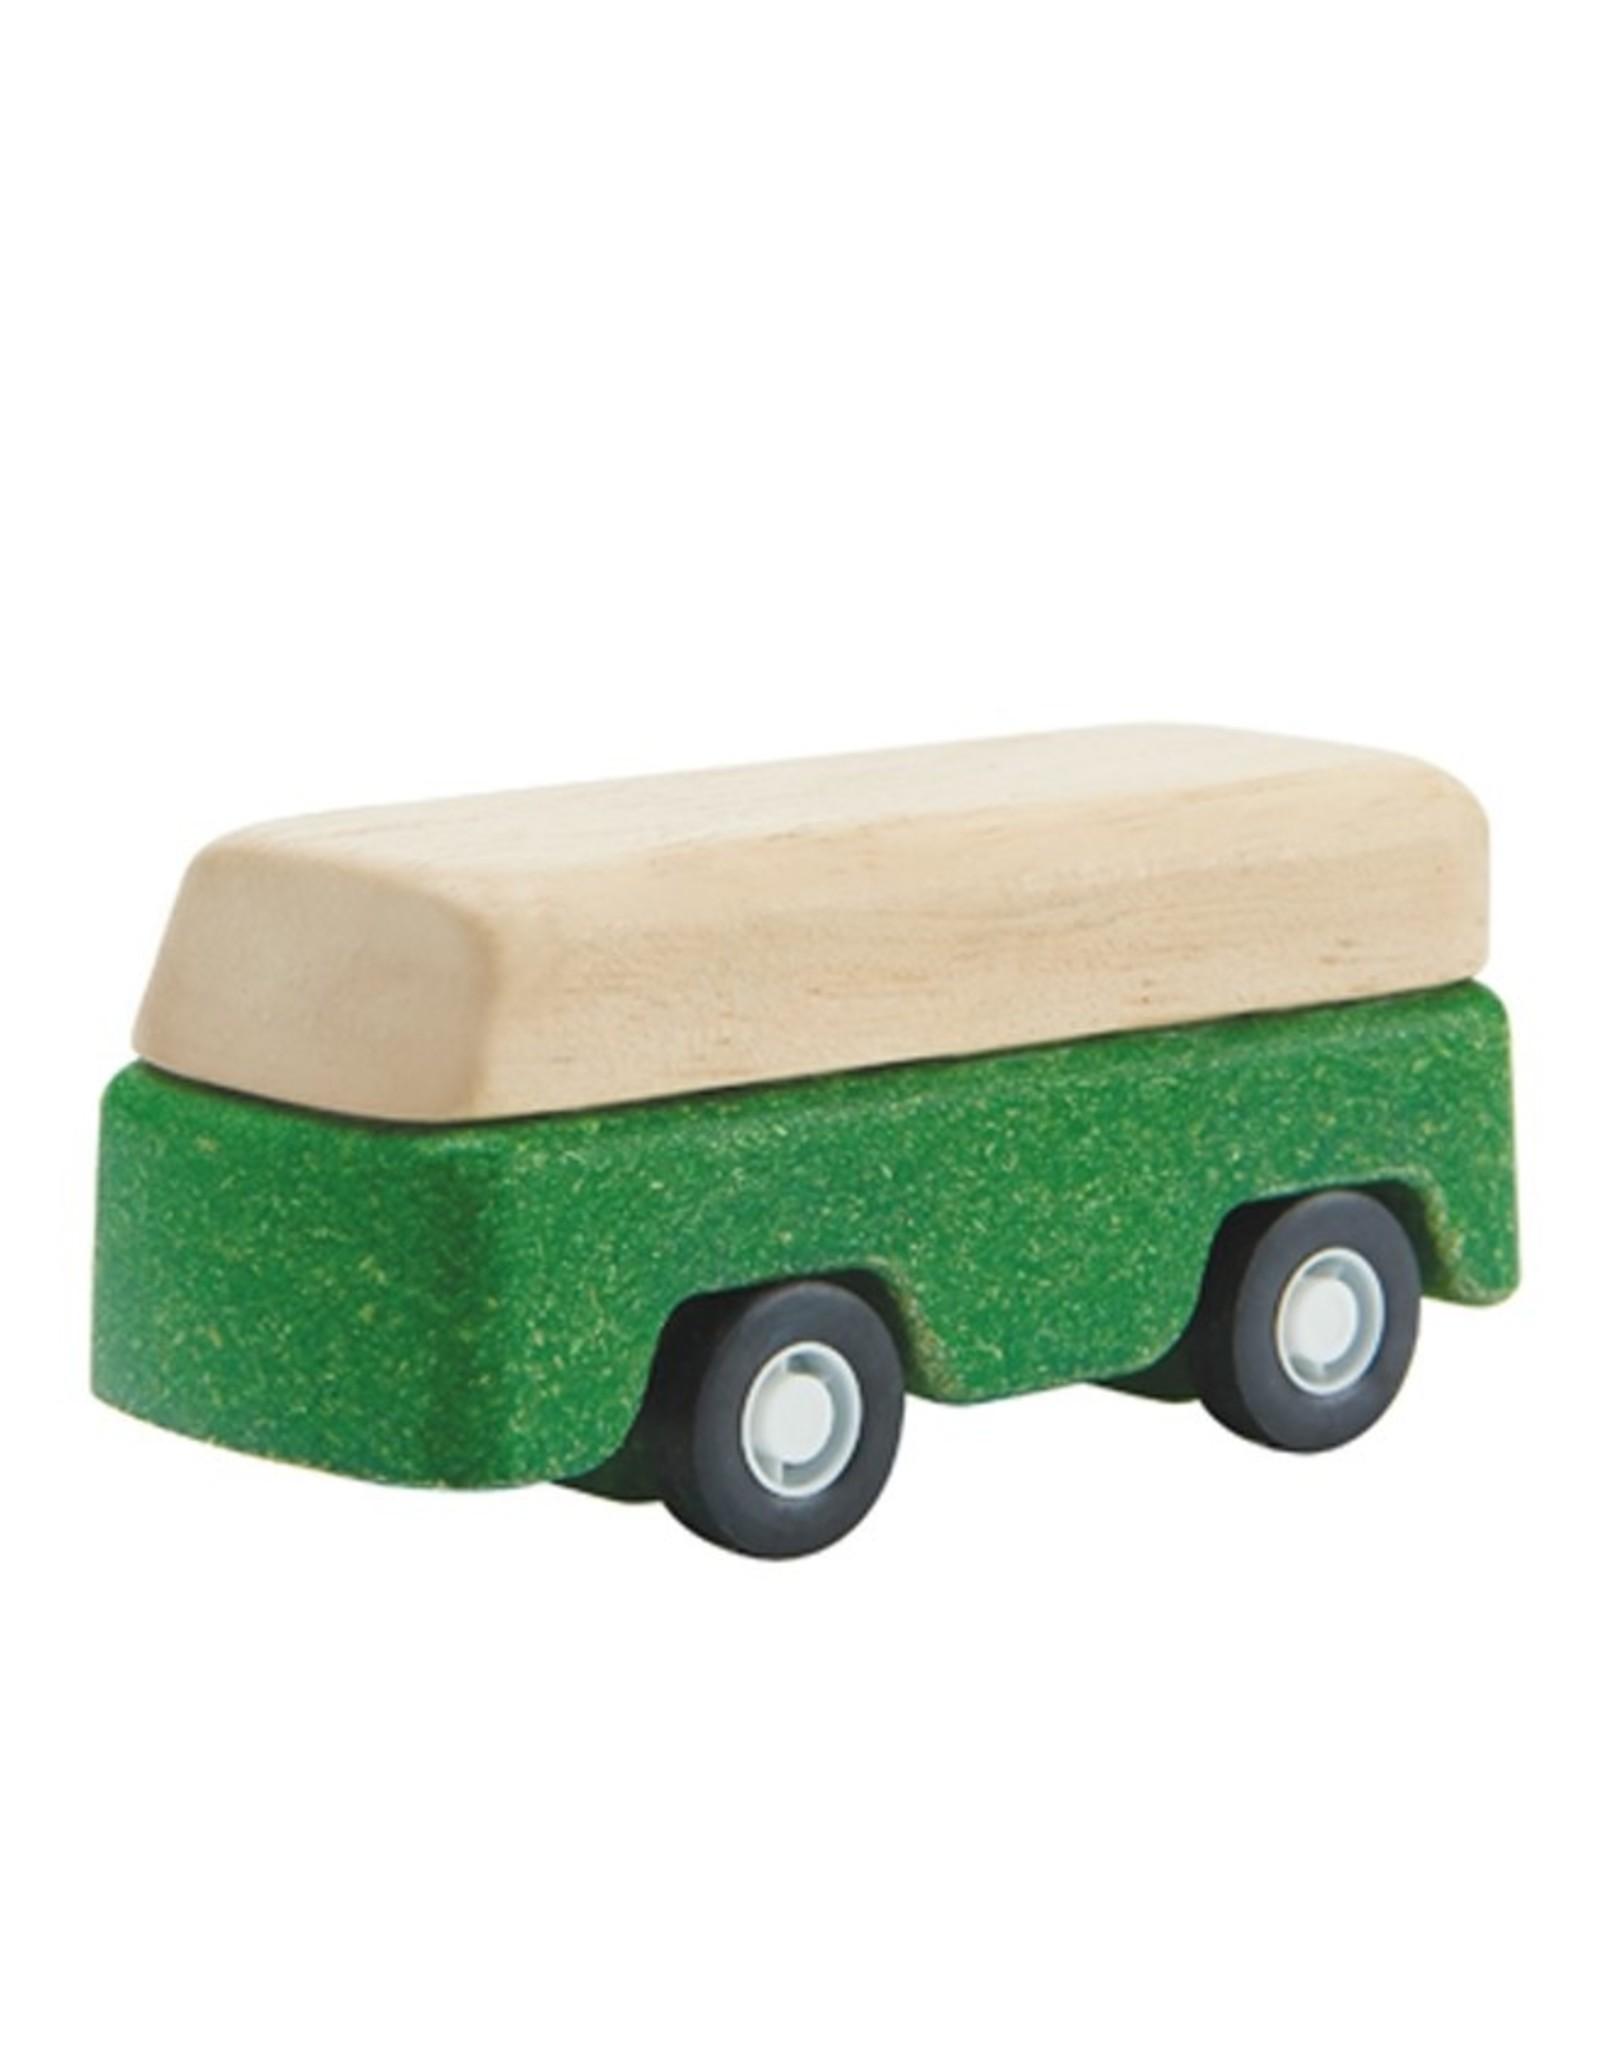 Plan Toys Green Bus